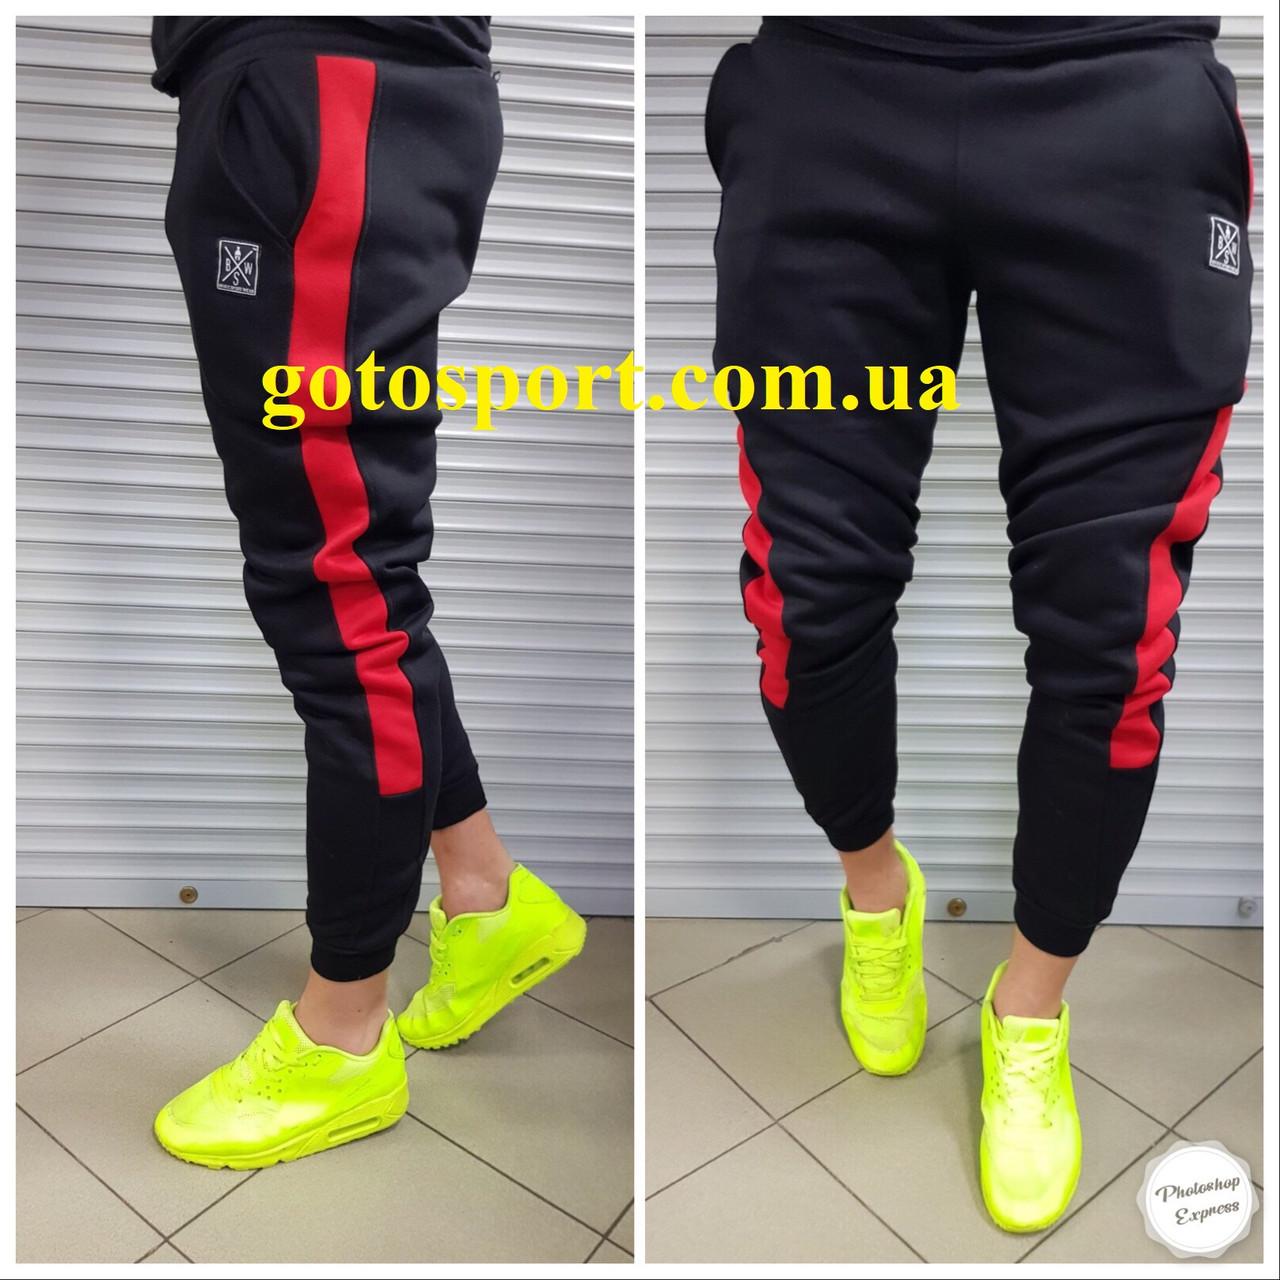 Теплые мужские спортивные штаны Brave Gotosport, фото 1